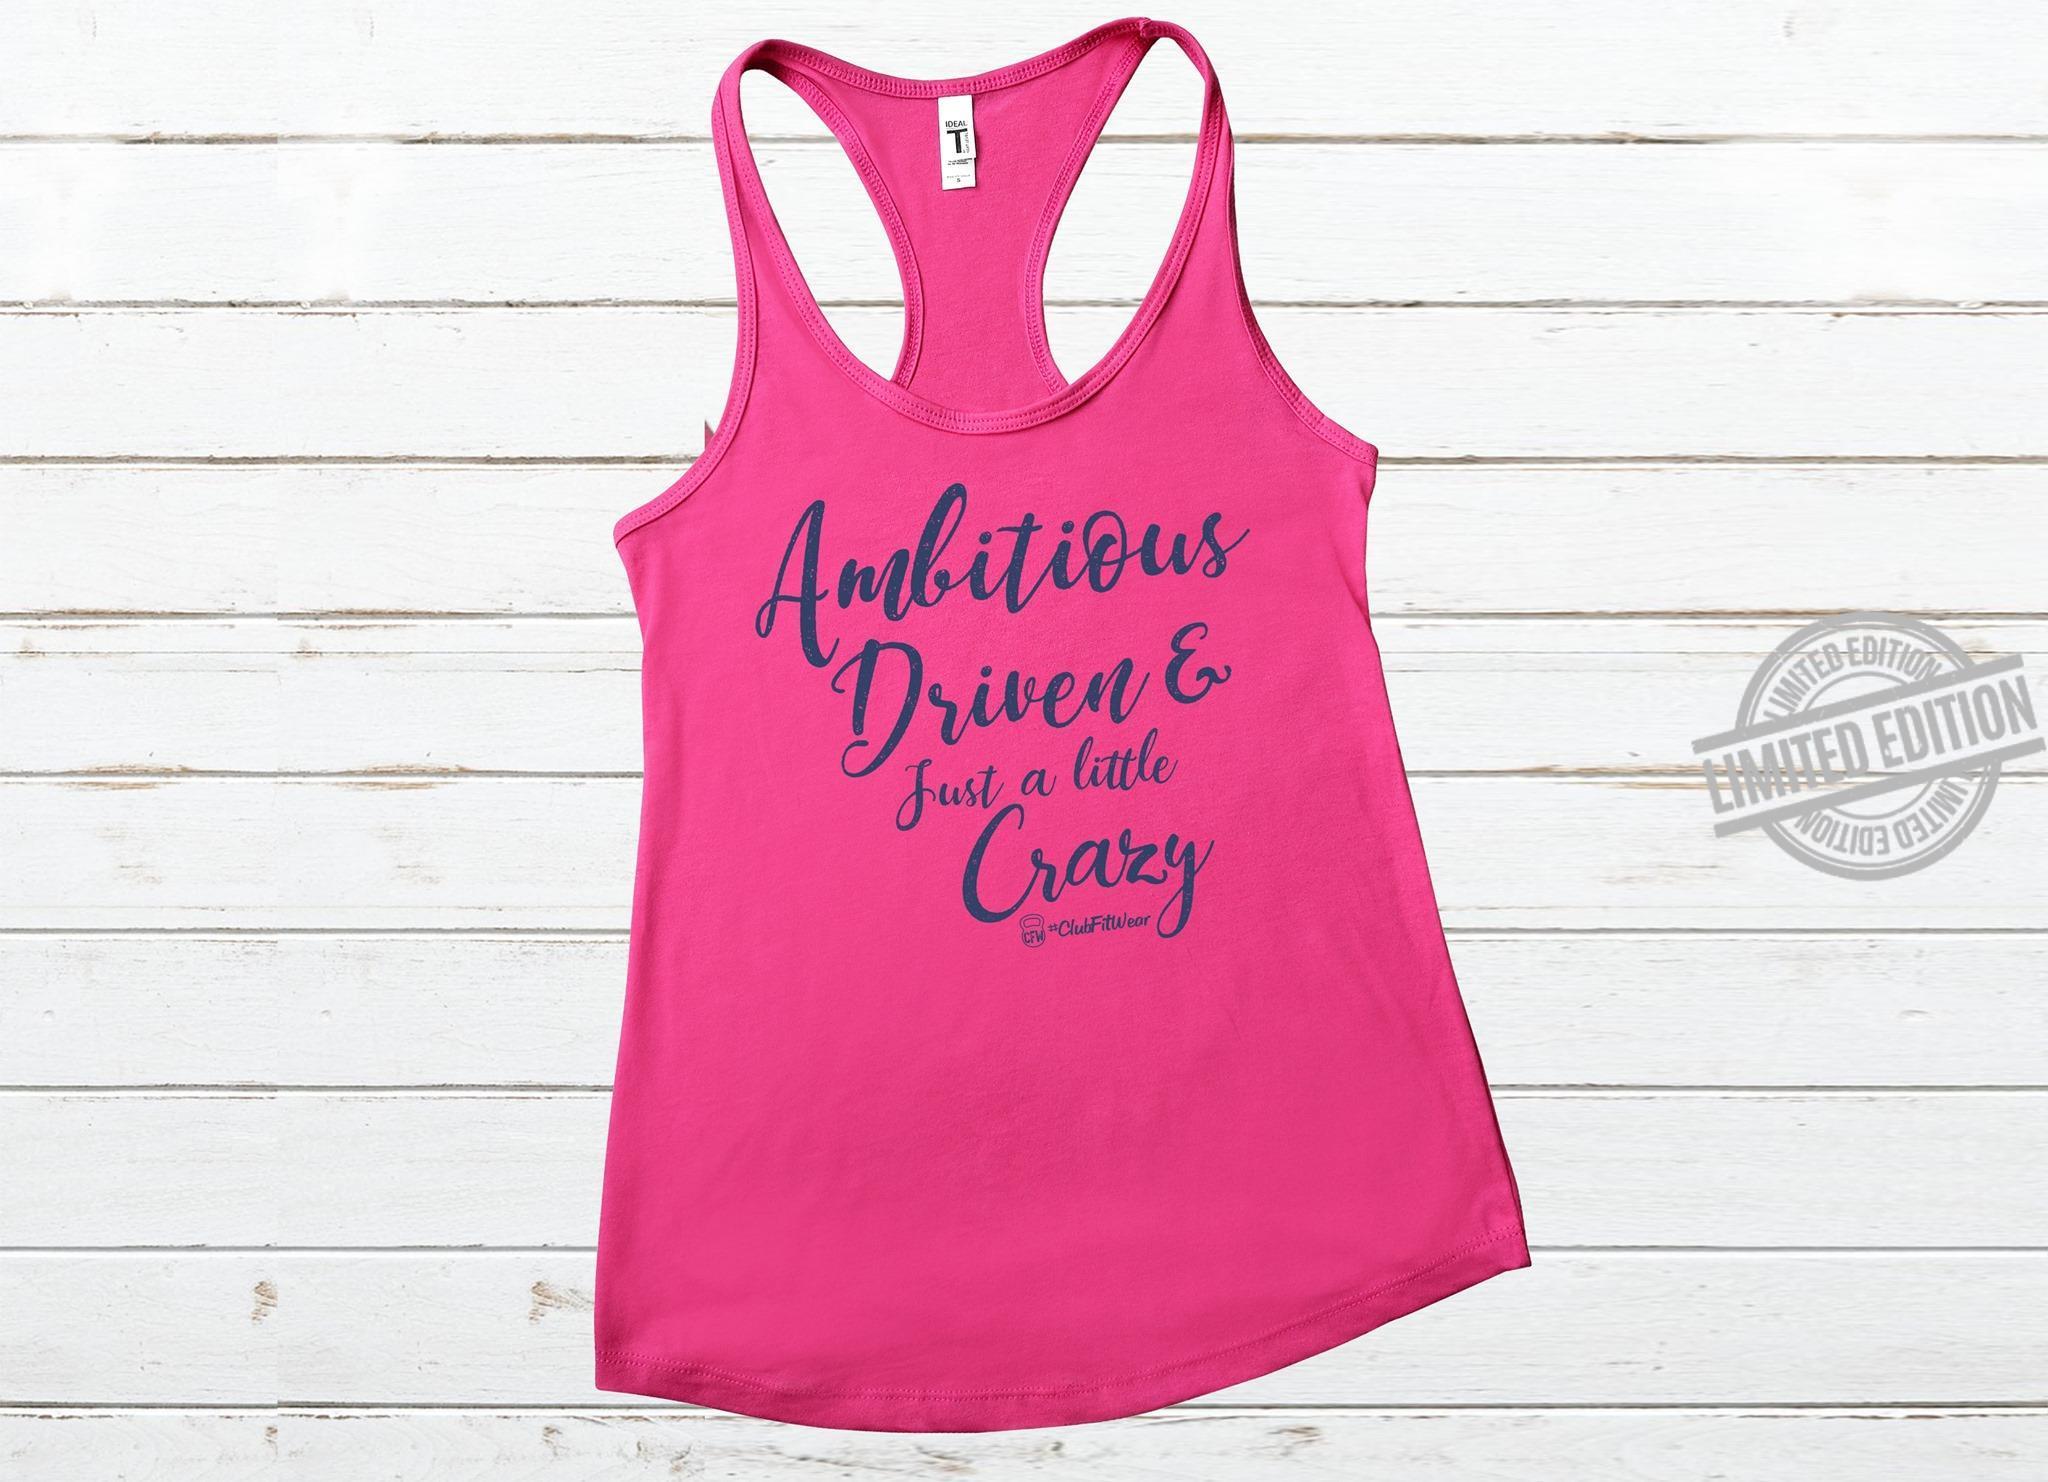 Ambitious Driven & Just A Little Crazy Shirt